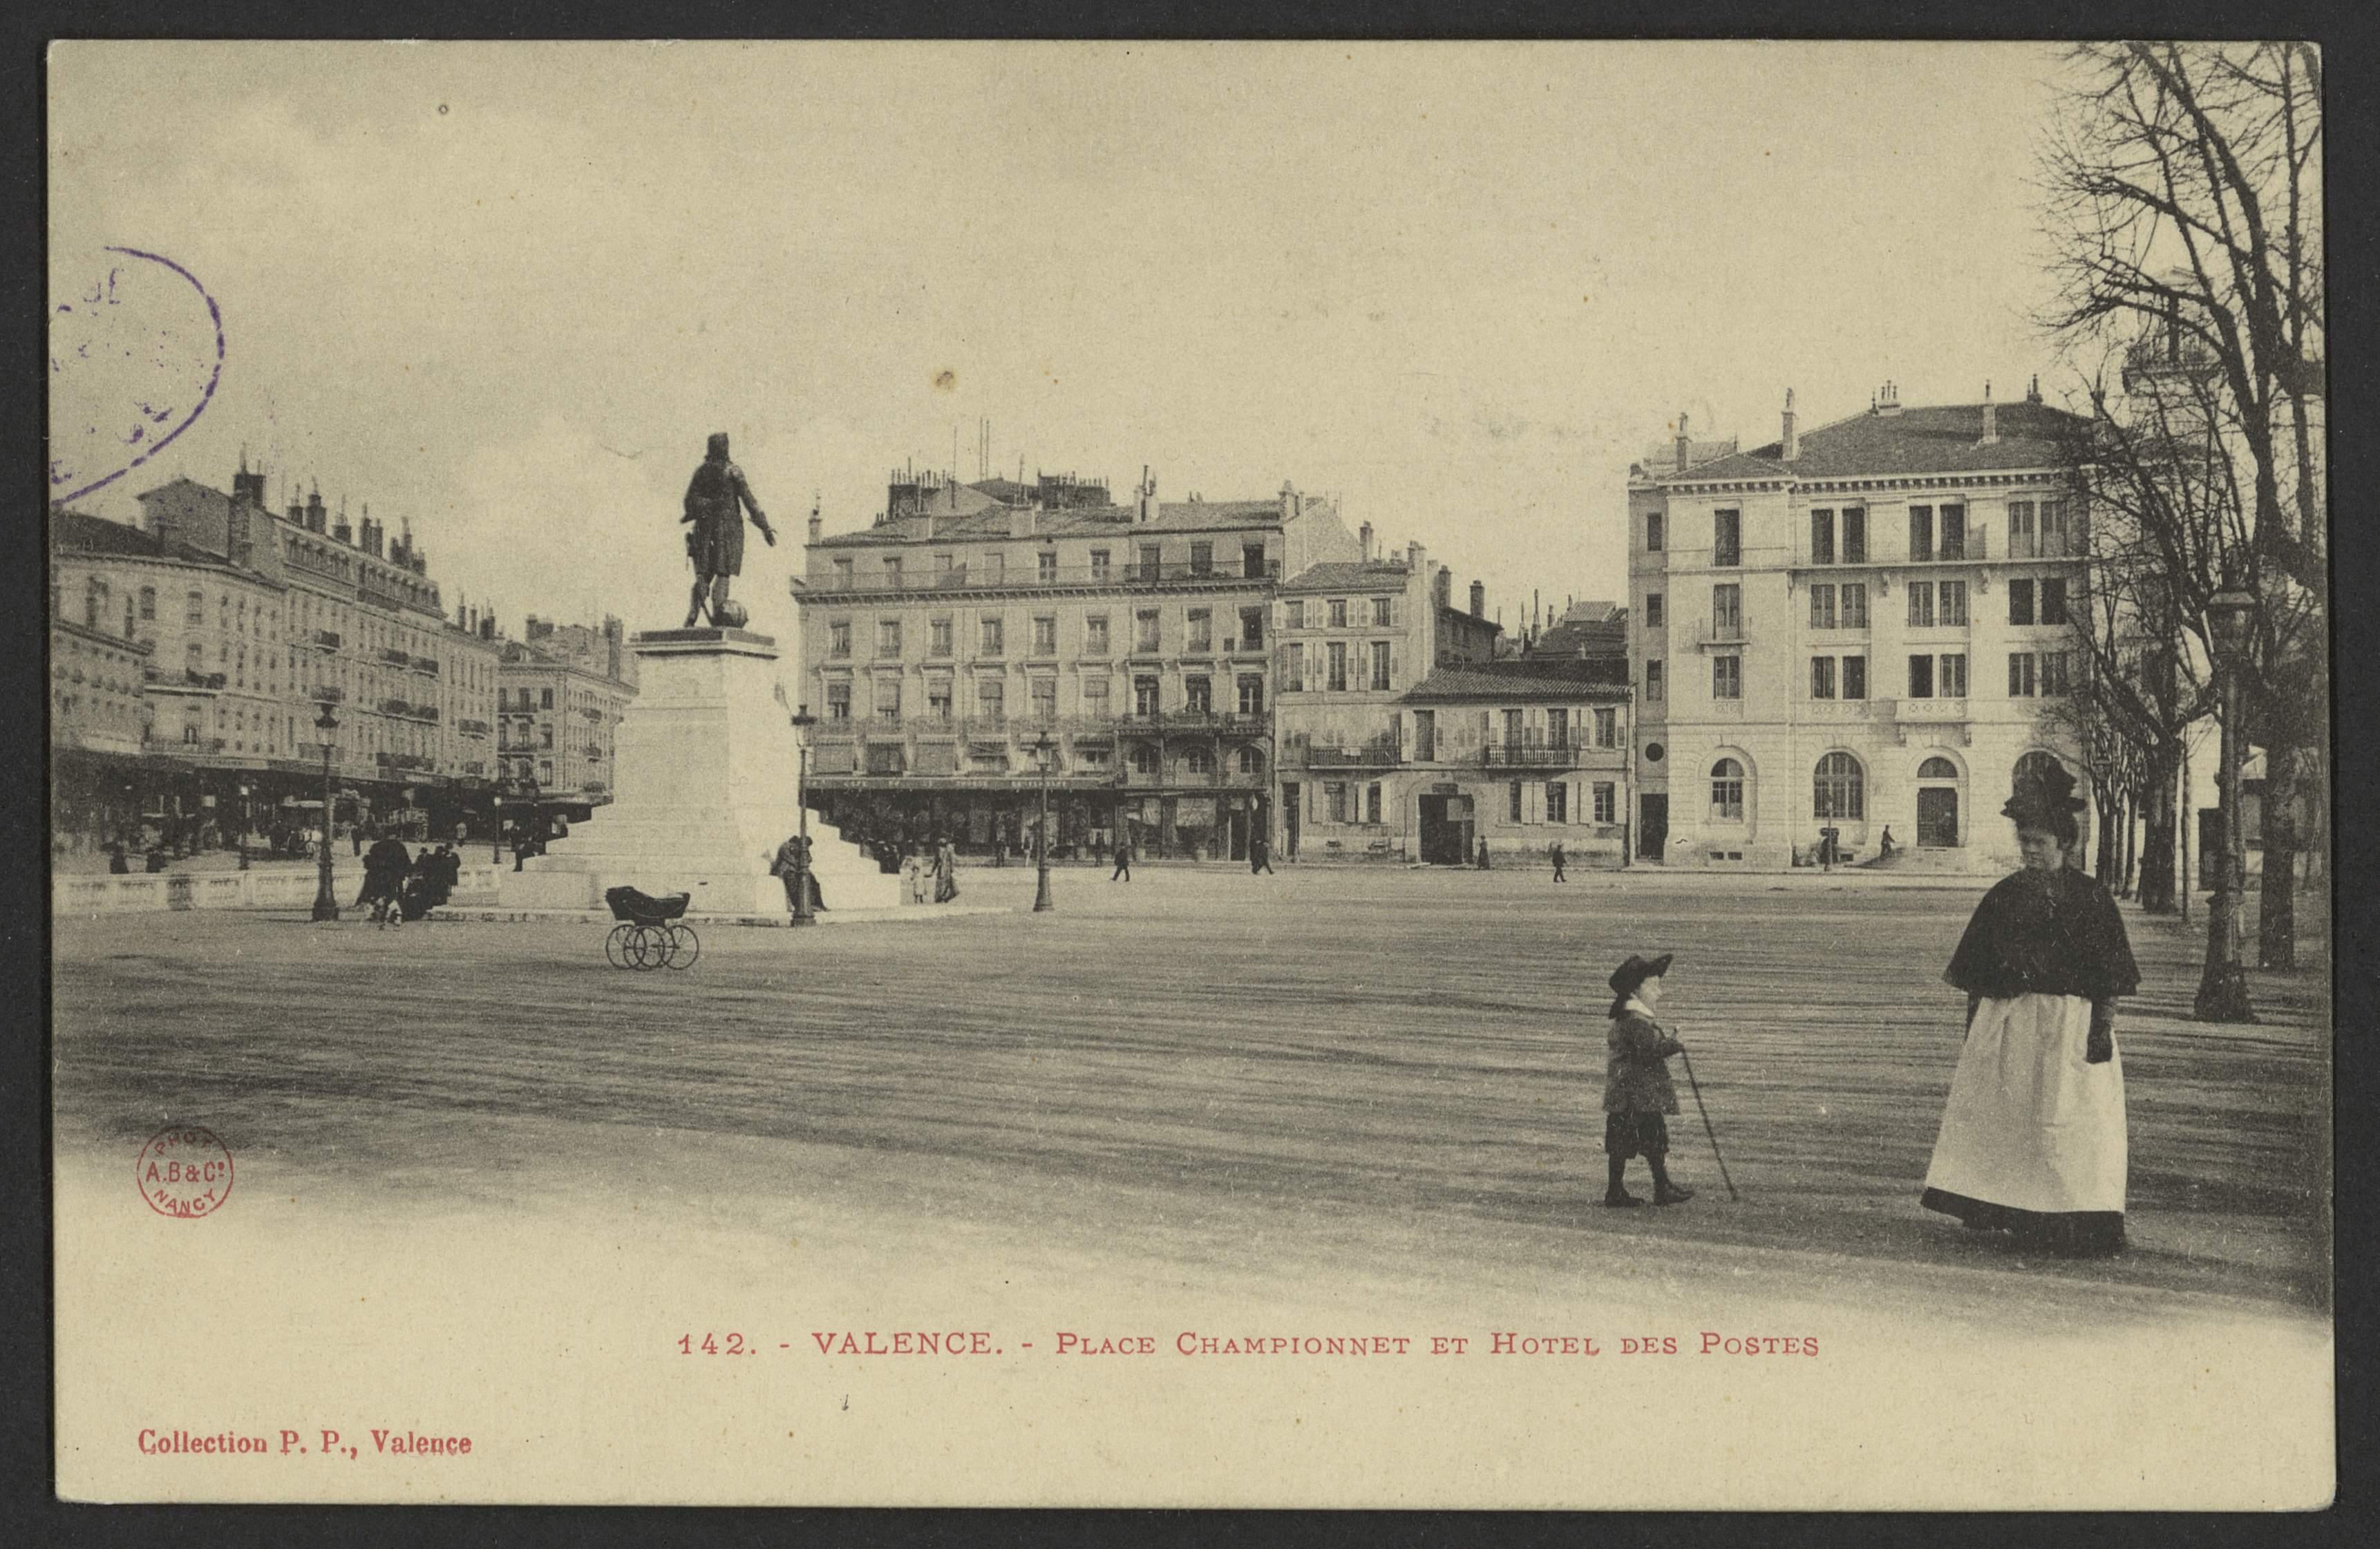 Valence - Place Championnet et Hôtel des Postes